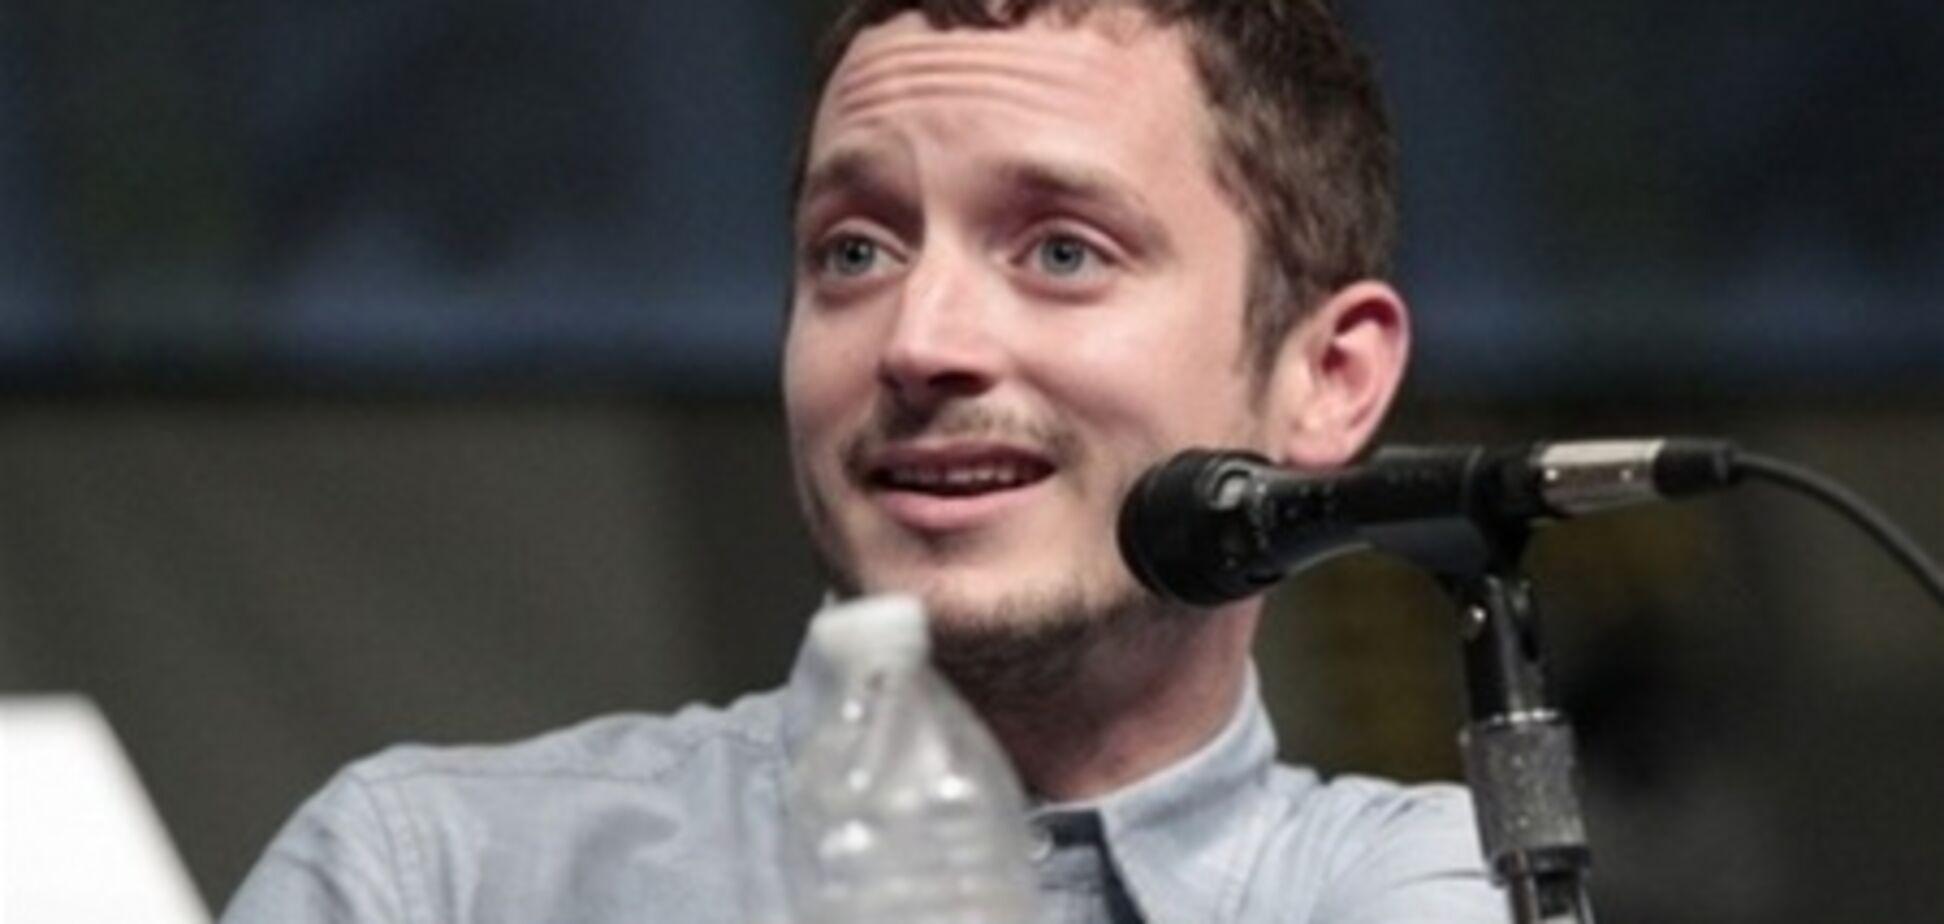 Презентация 'Хоббита' в Сан-Диего: Бильбо, Фродо, Голлум и другие